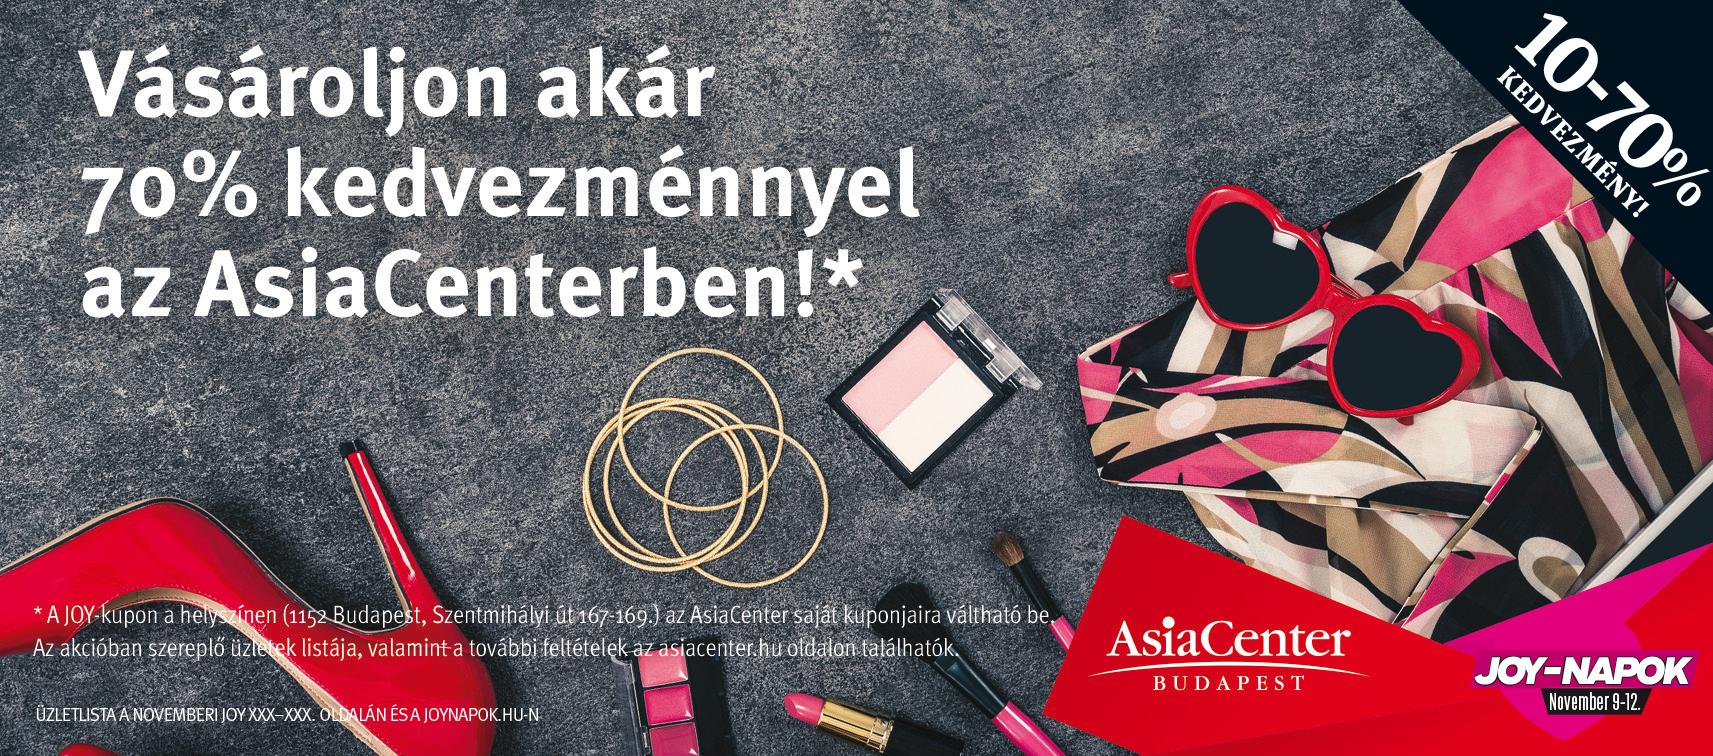 AsiaCenter Budapest  a821df585d